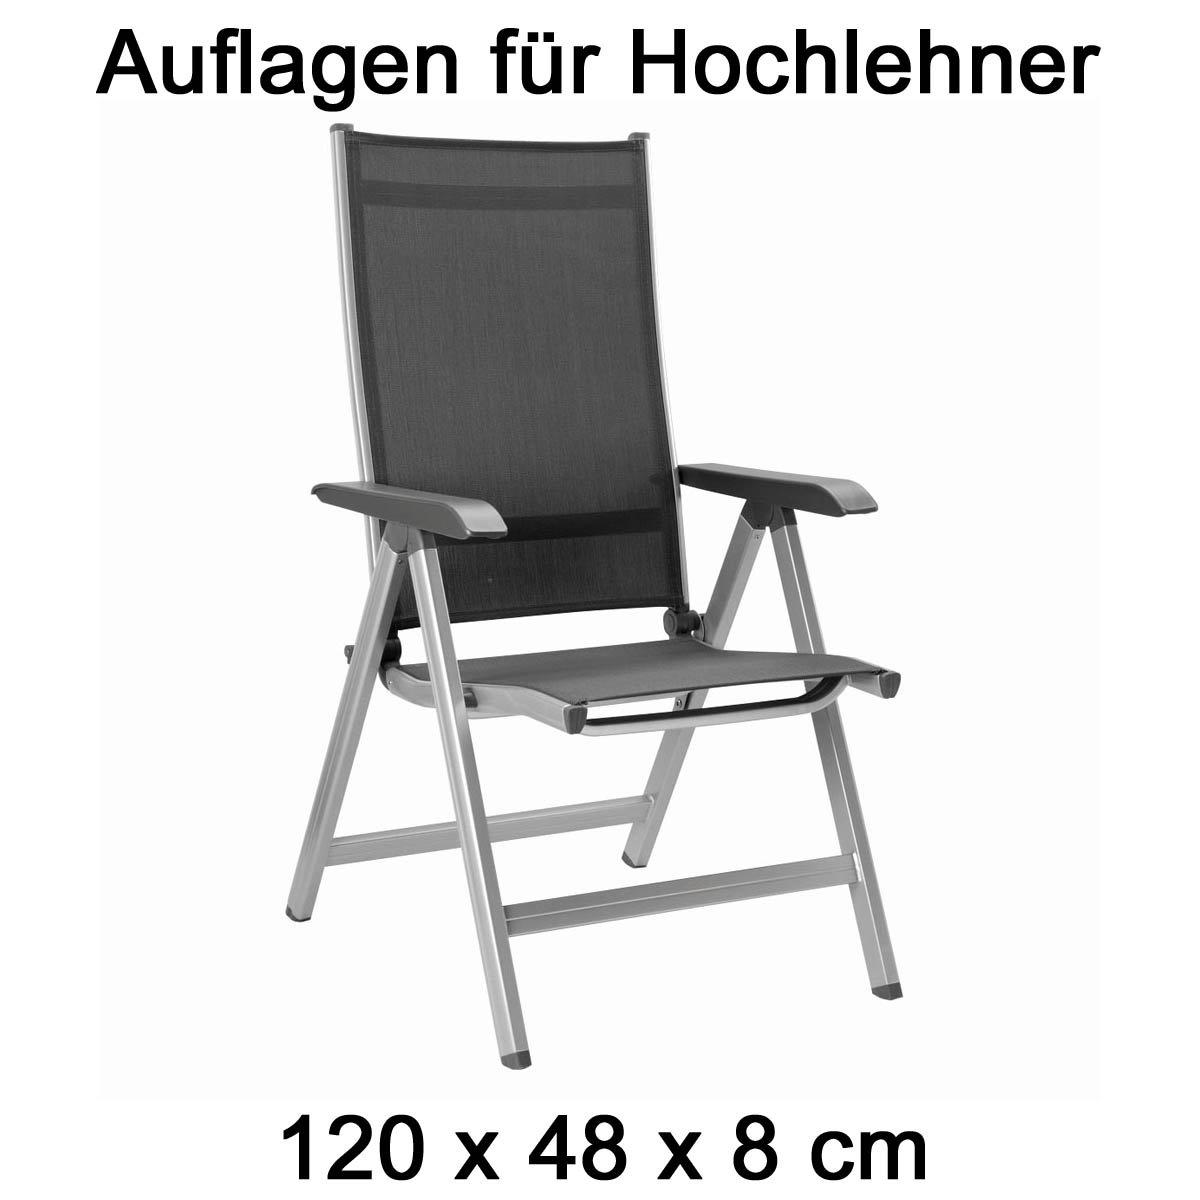 Amazon.de: 4 Auflagen für Hochlehner Gartenmöbel Kettler Dessin 857 ...